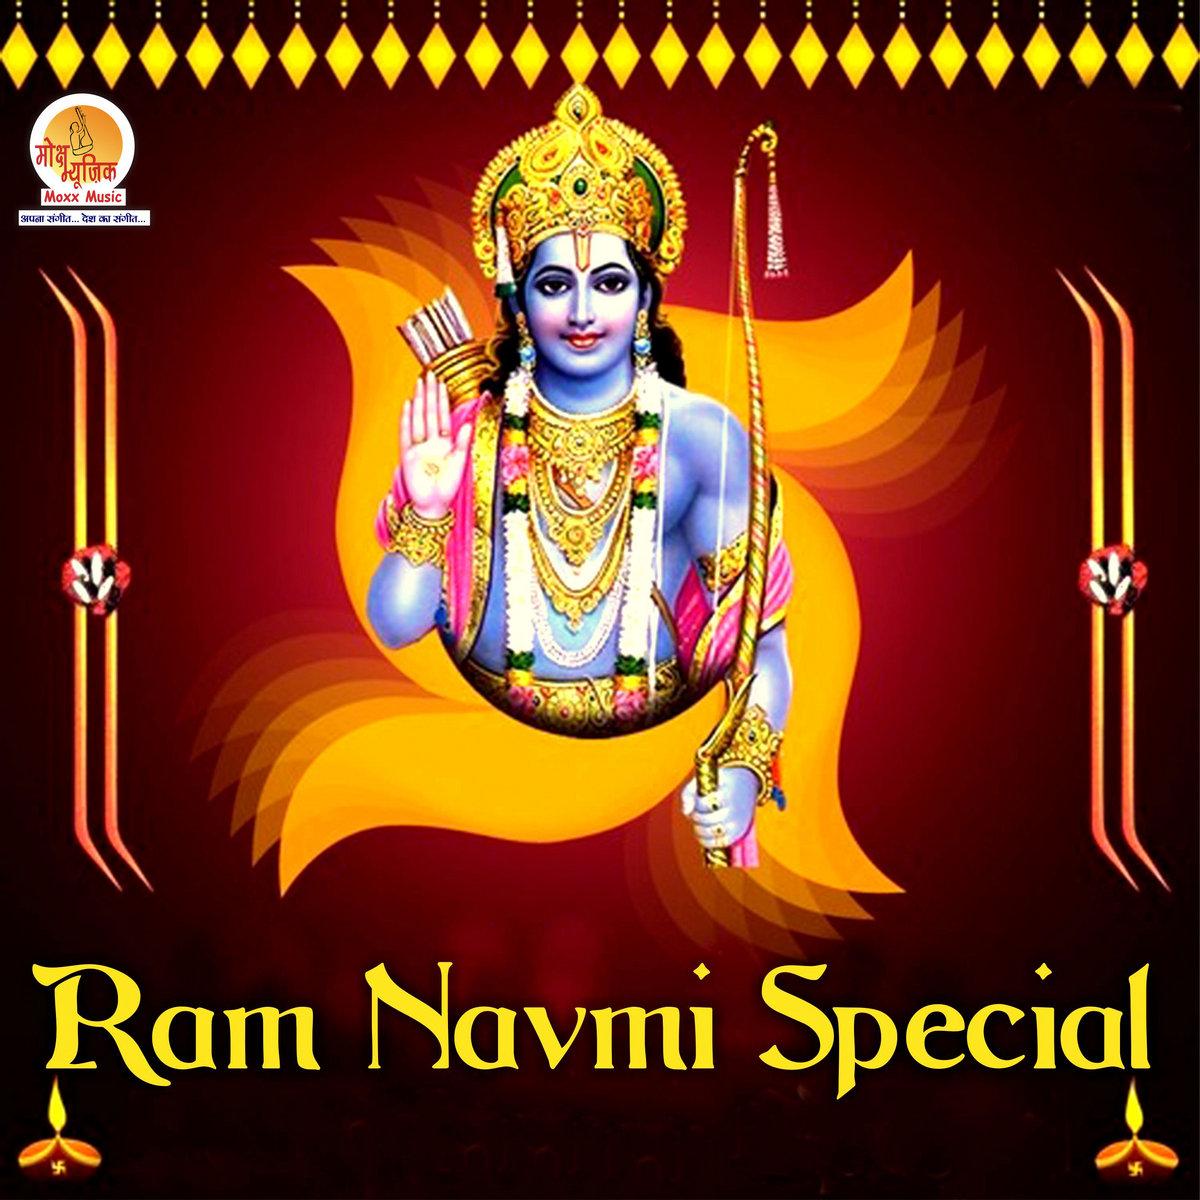 dj song hindi mp3 download pagalworld dj king